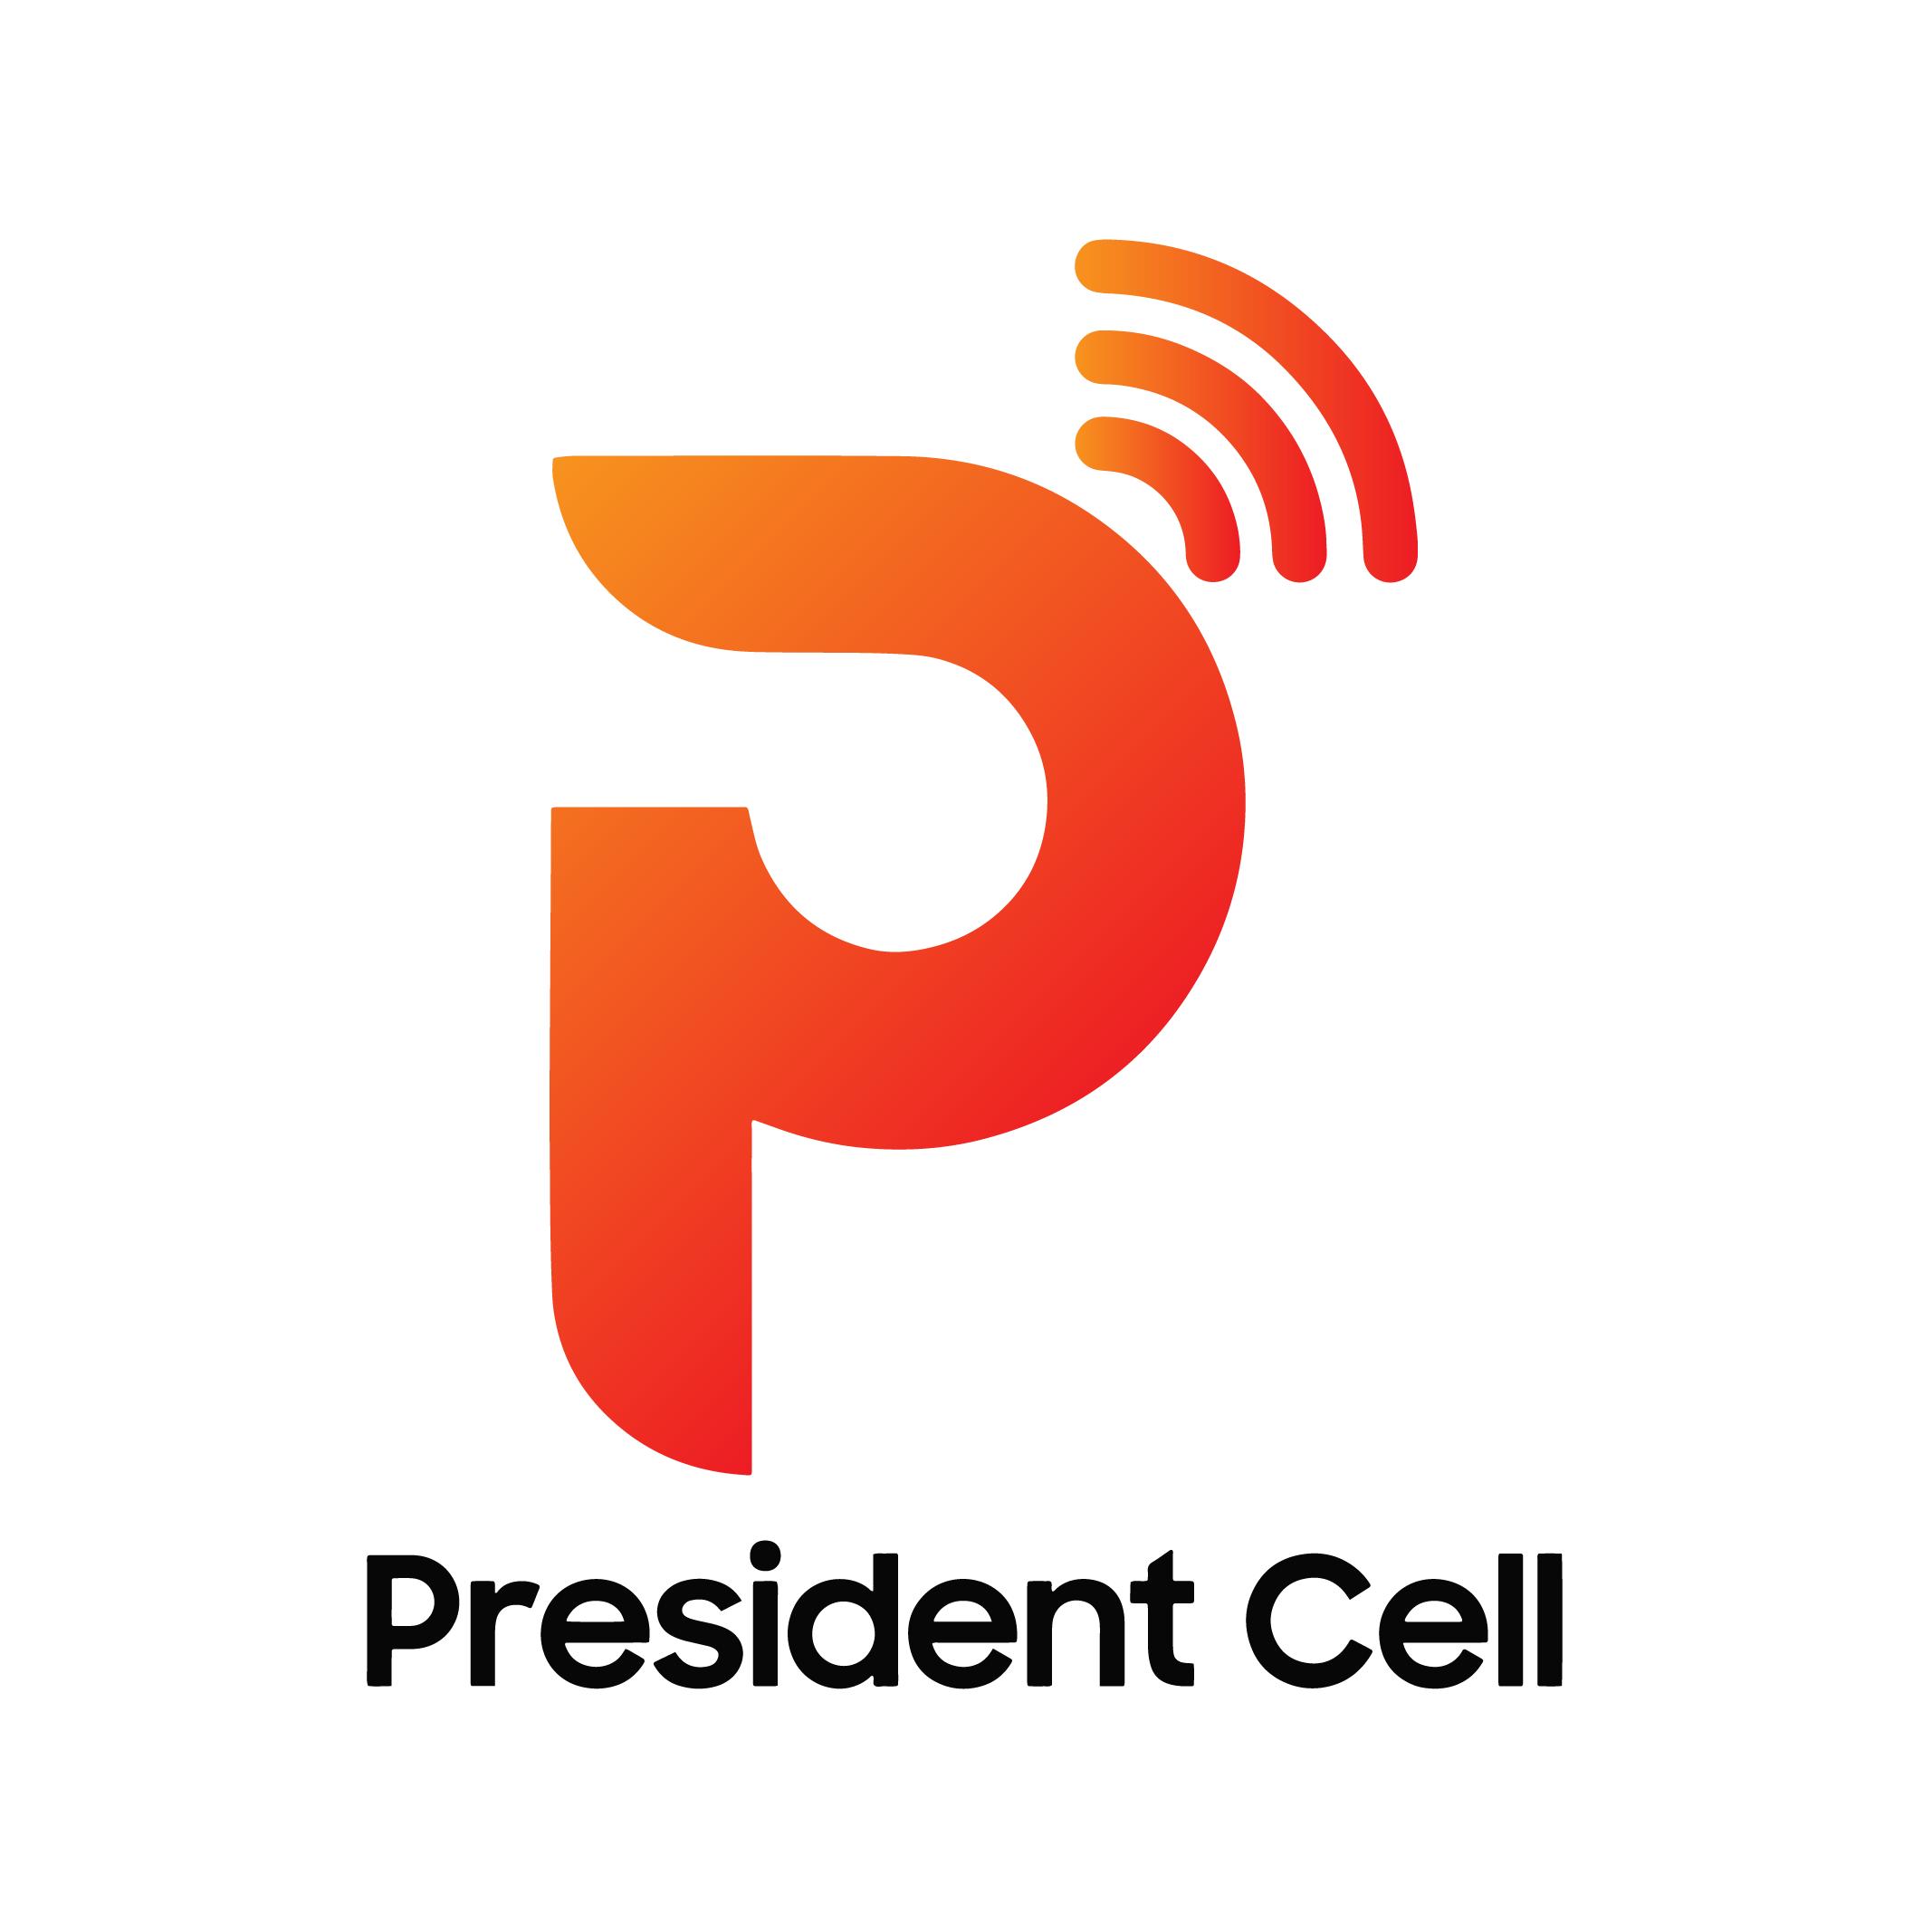 President Cell